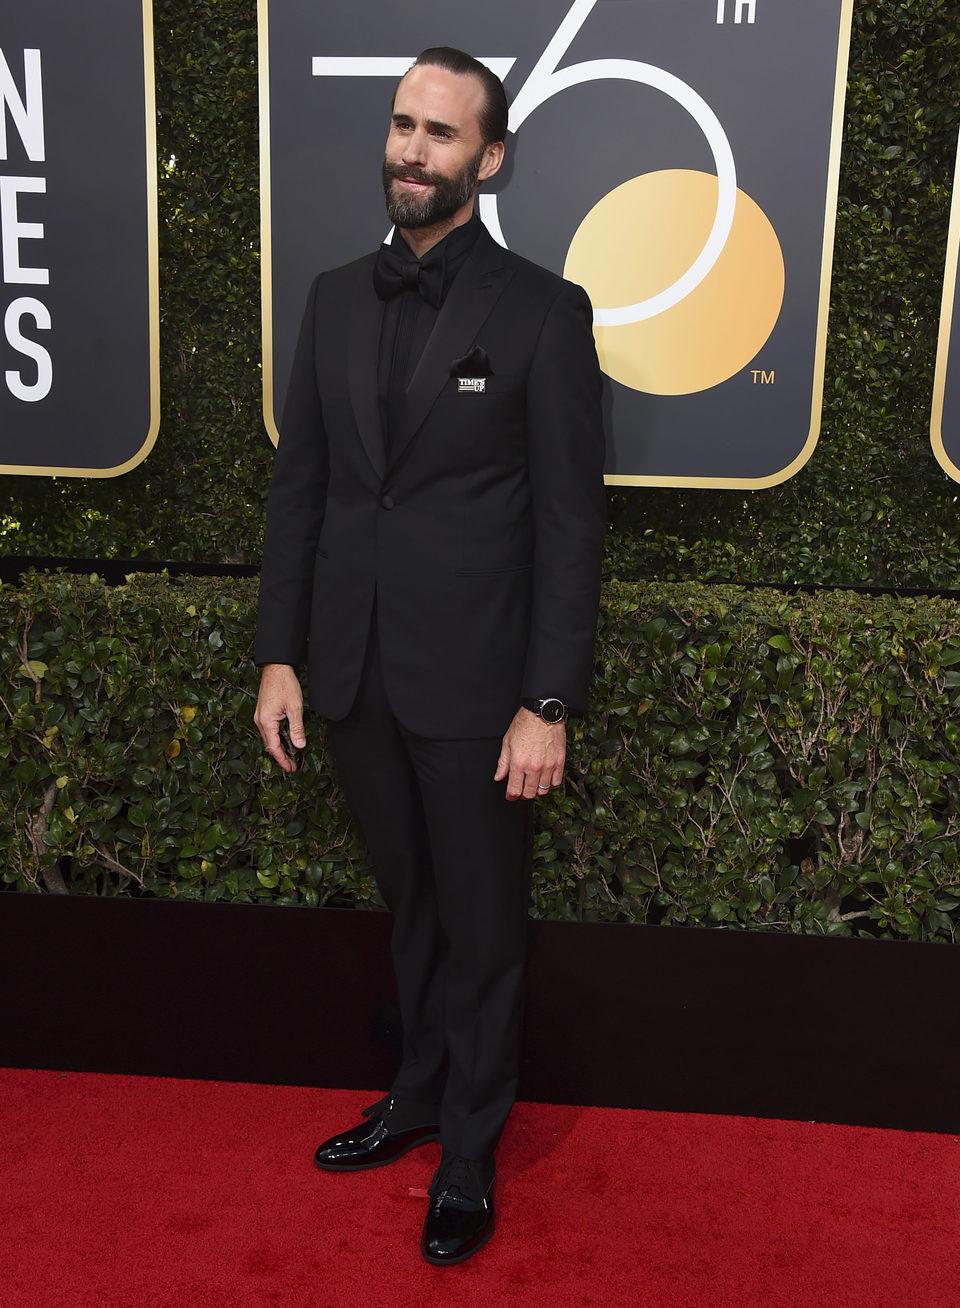 Joseph Fiennes llega a la alfombra roja de los Globos de Oro 2018